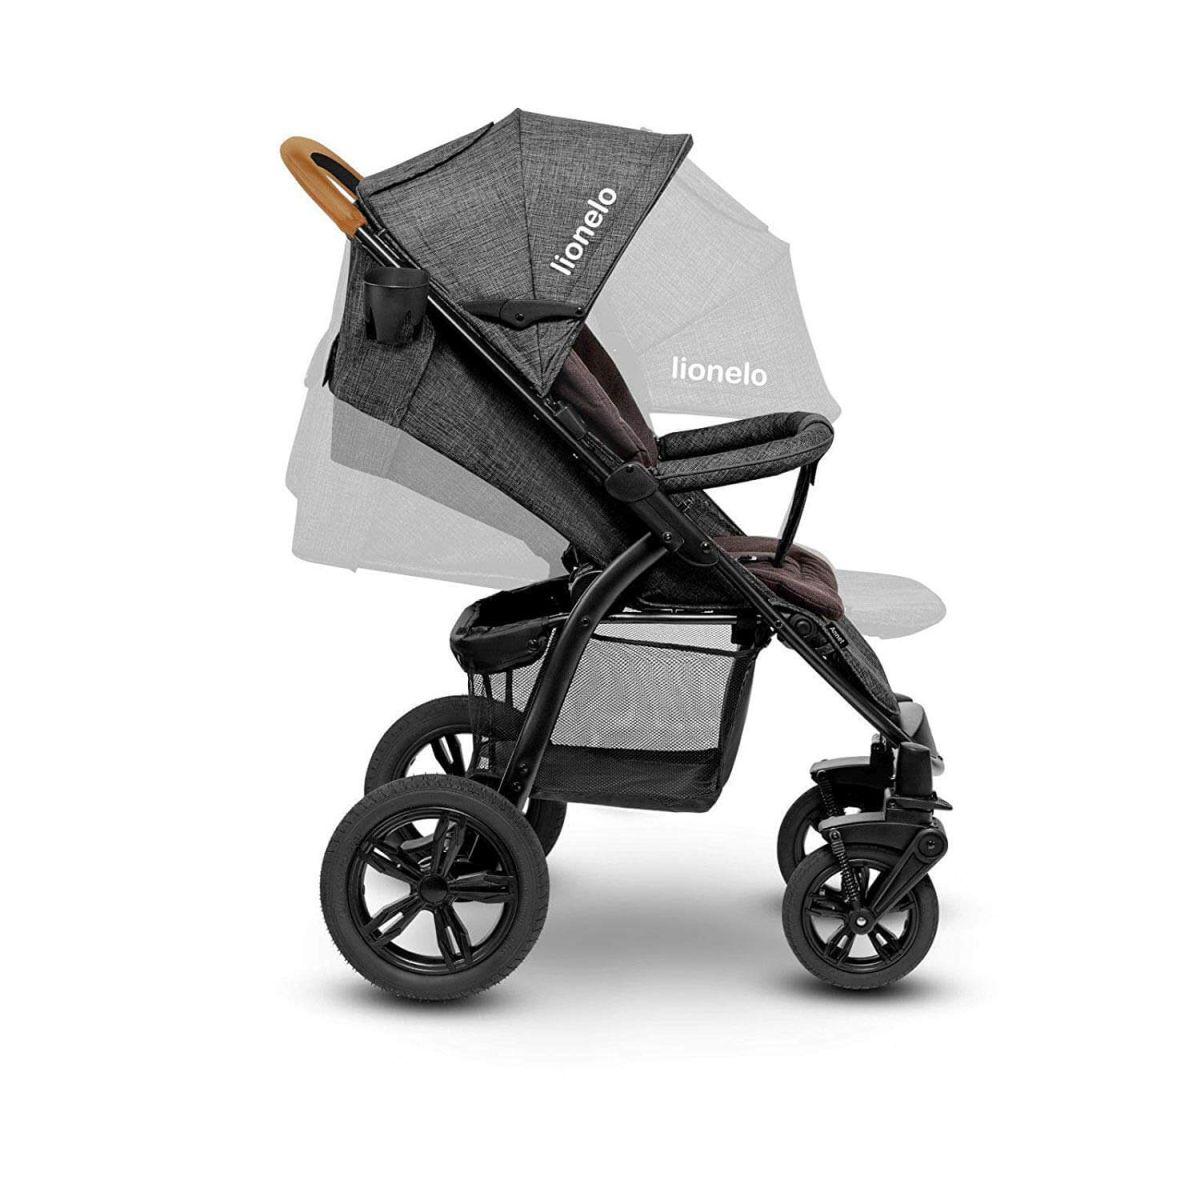 Lionelo Annette gris poussette Baby Buggy de 100/% lin caoutchouc pneus Chancelière